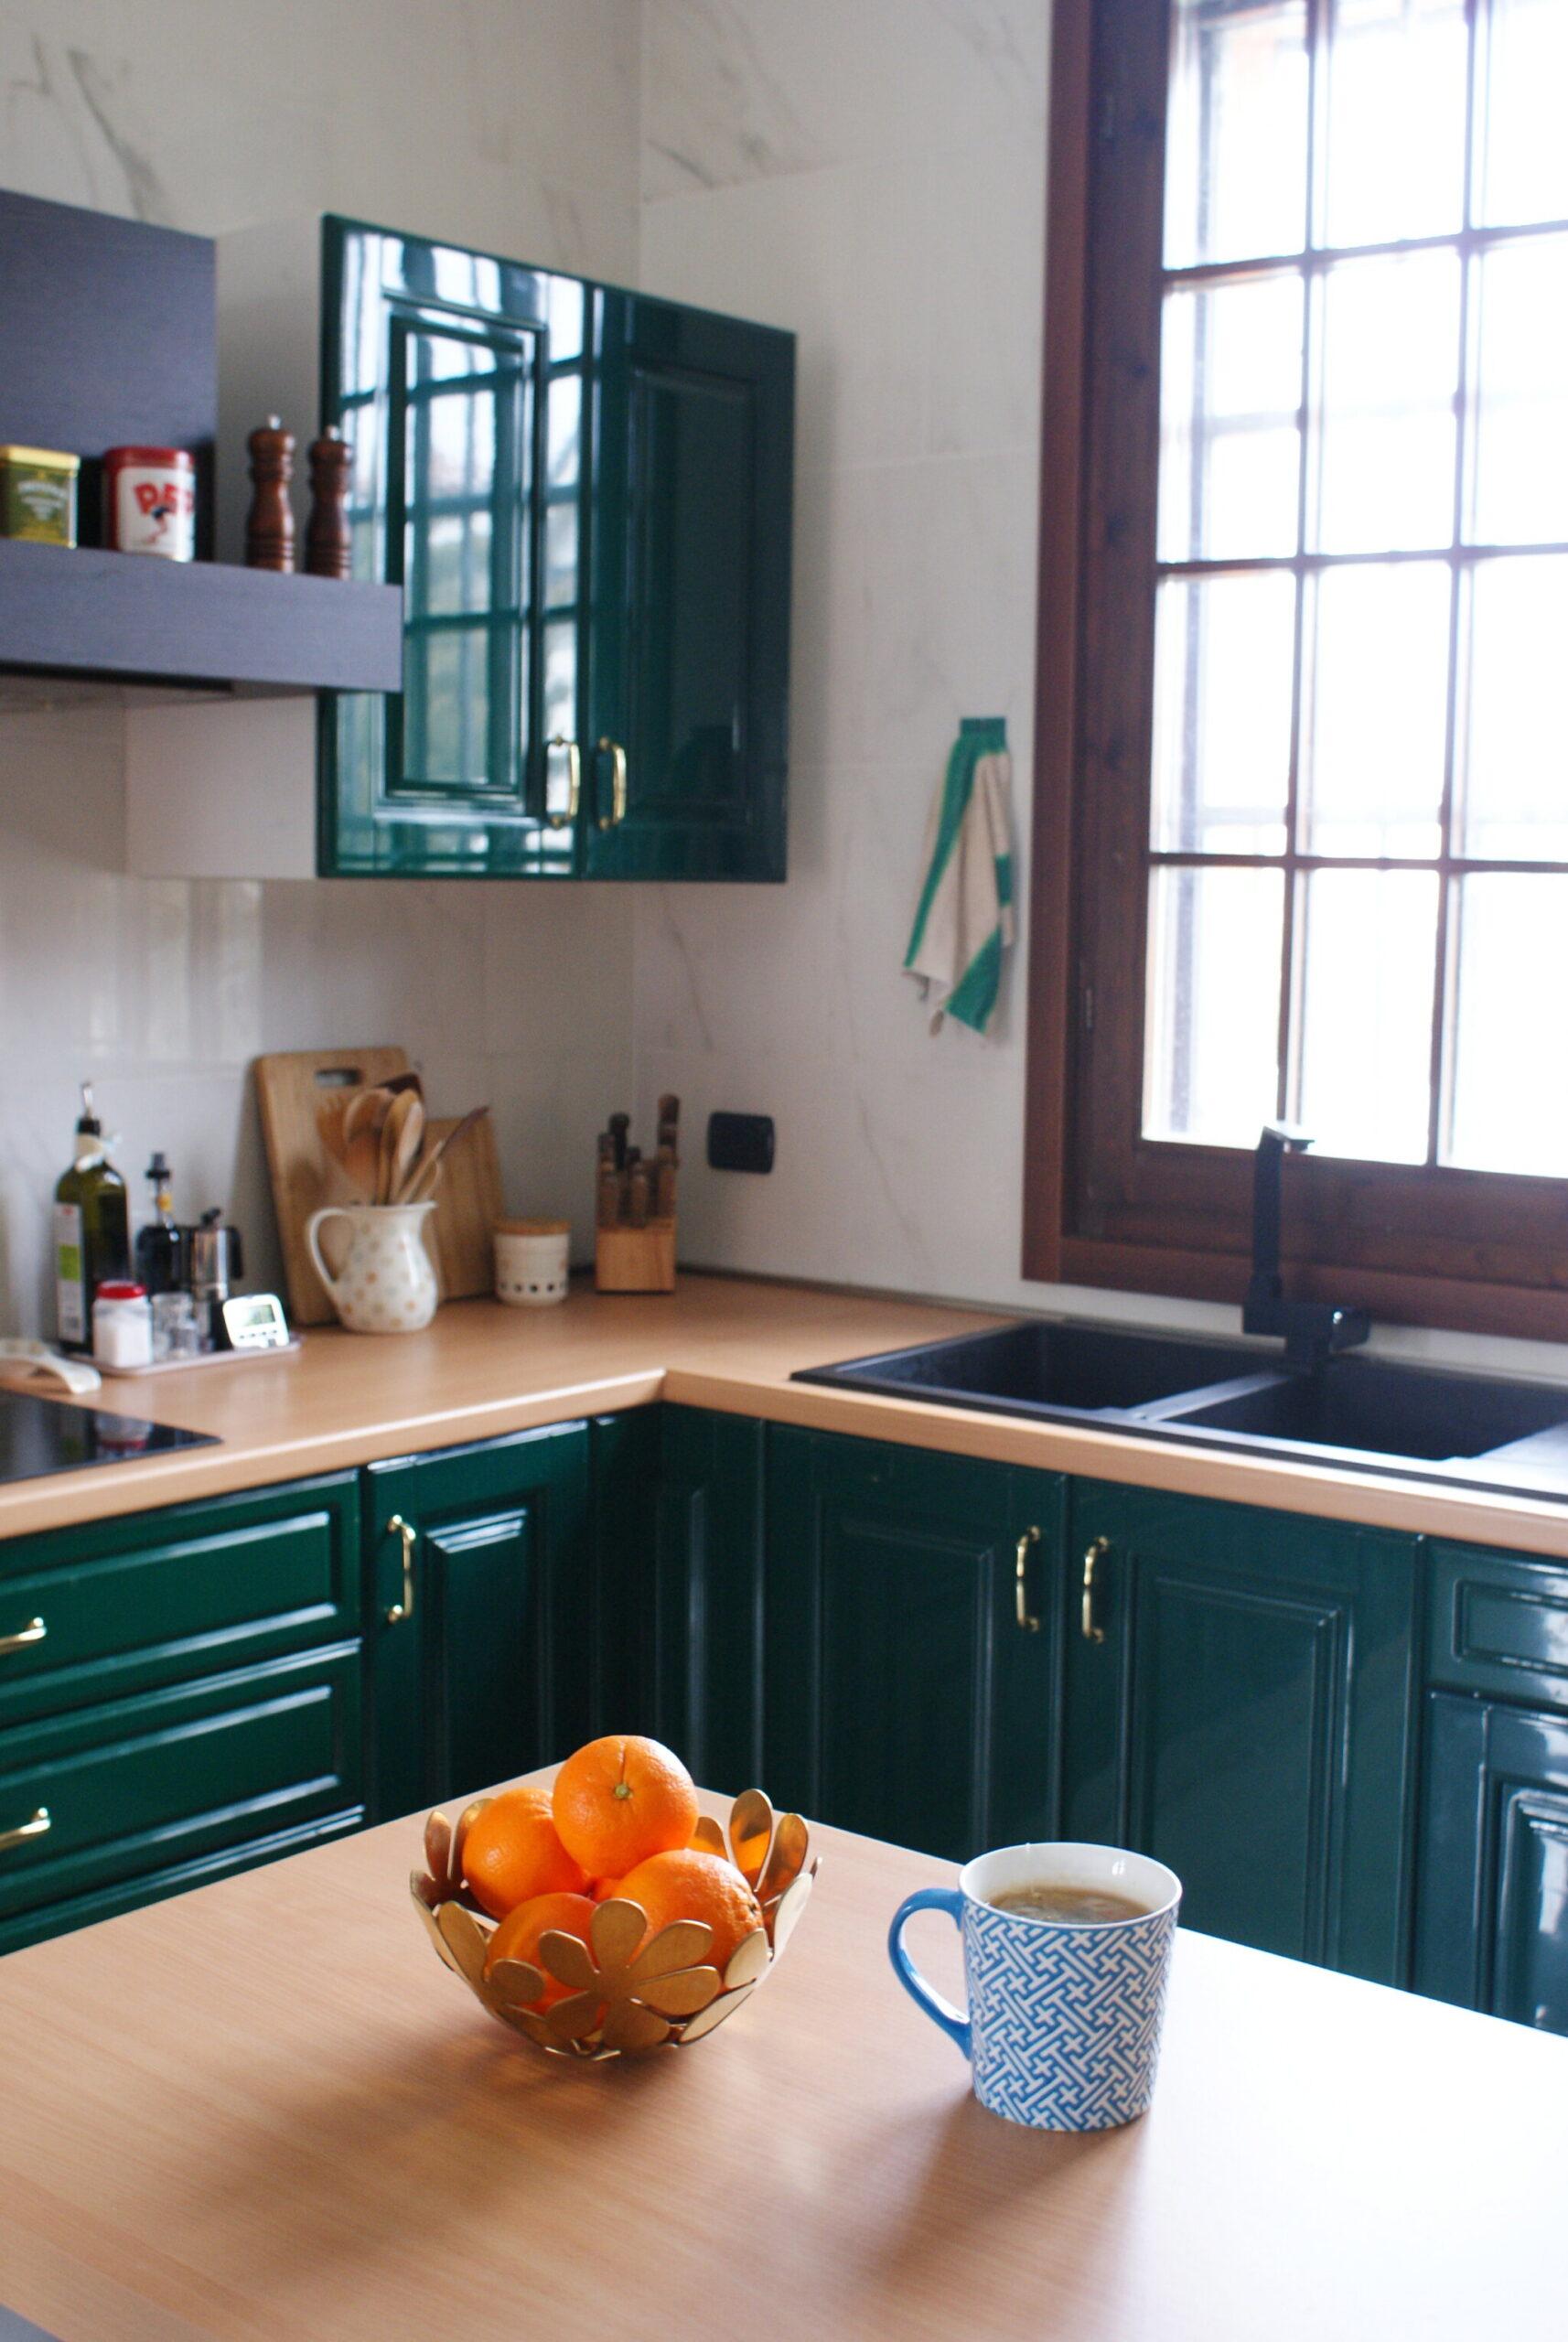 how declutter organize kitchen minimalist tips ulimate come organizzare riordinare cucina minimalista consigli decor